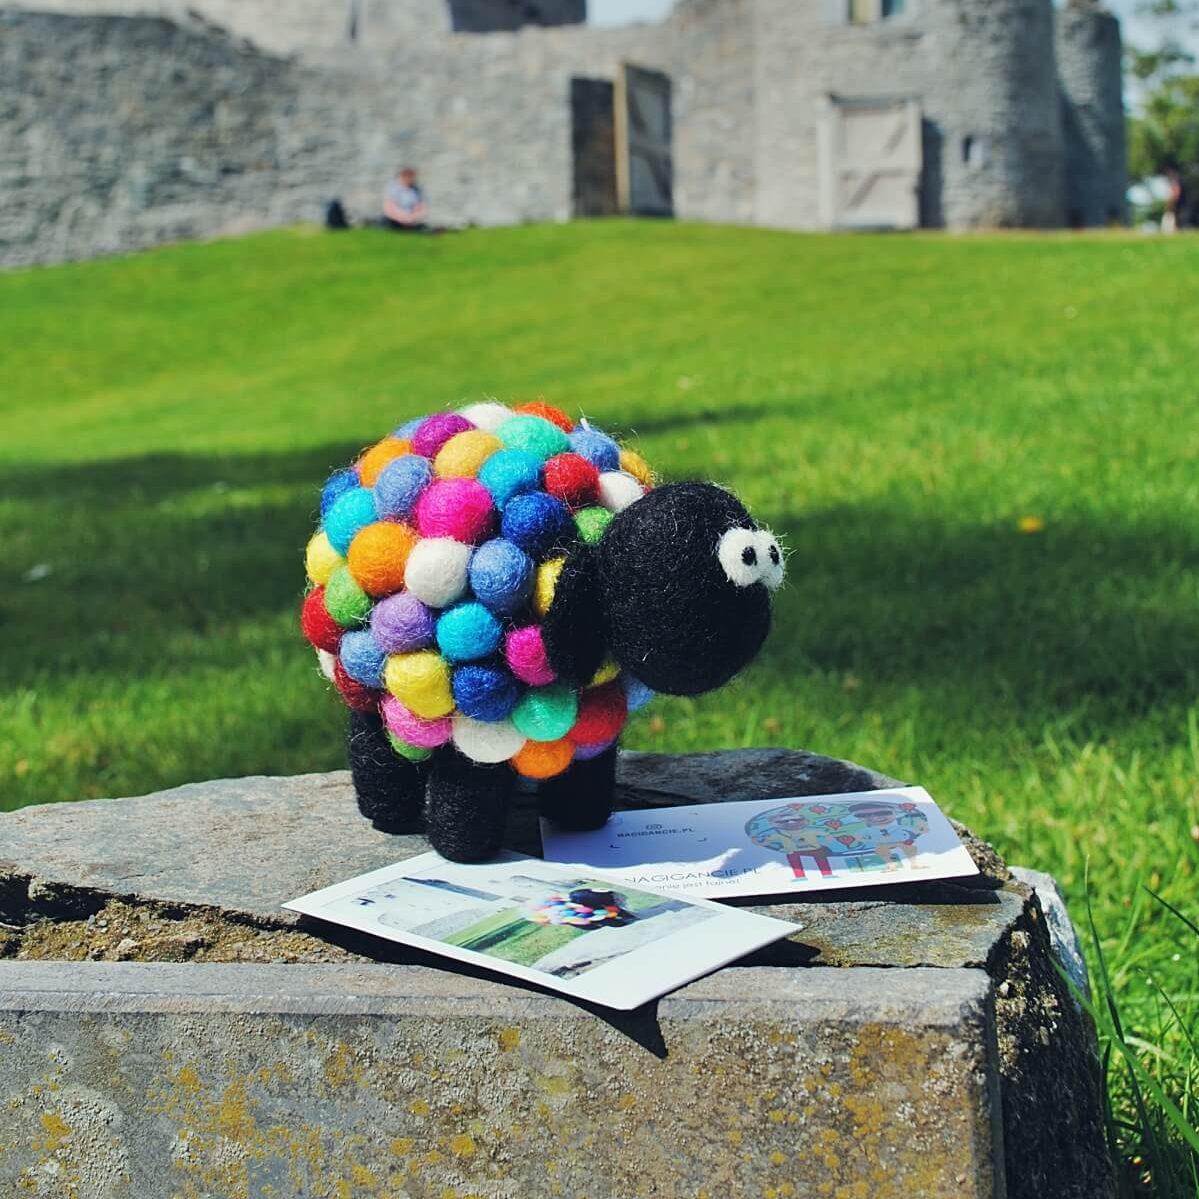 Wełniana owca kupiona w Killarney w Irlandii.